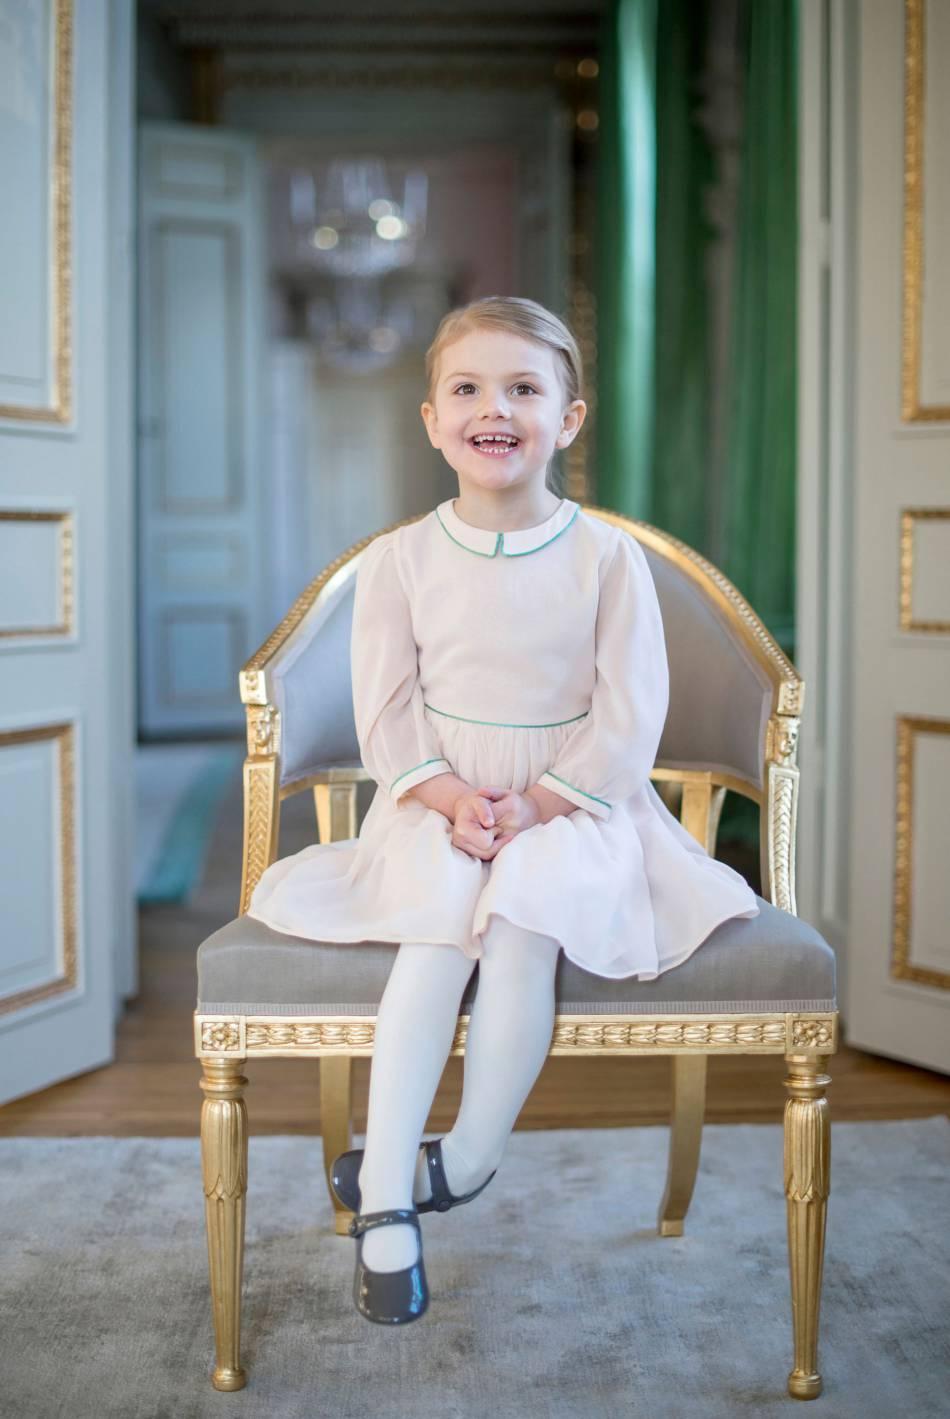 La mini princesse se la joue sage comme une image pour son portrait officiel.